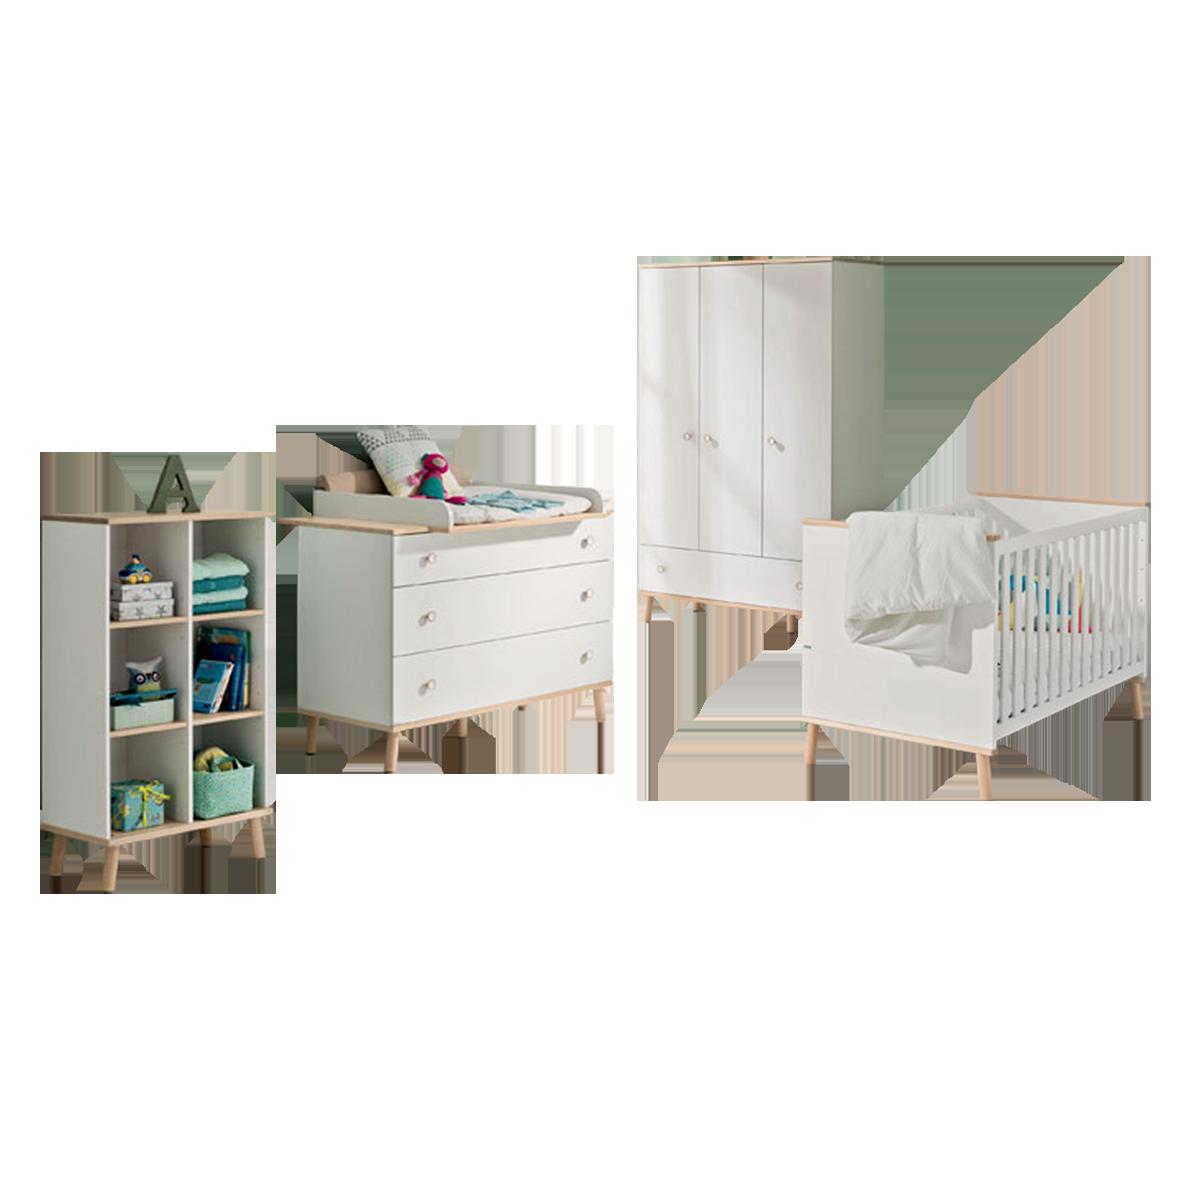 Paidi Ylvie Babyzimmer 4 Teilig Kinderbett Kleiderschrank